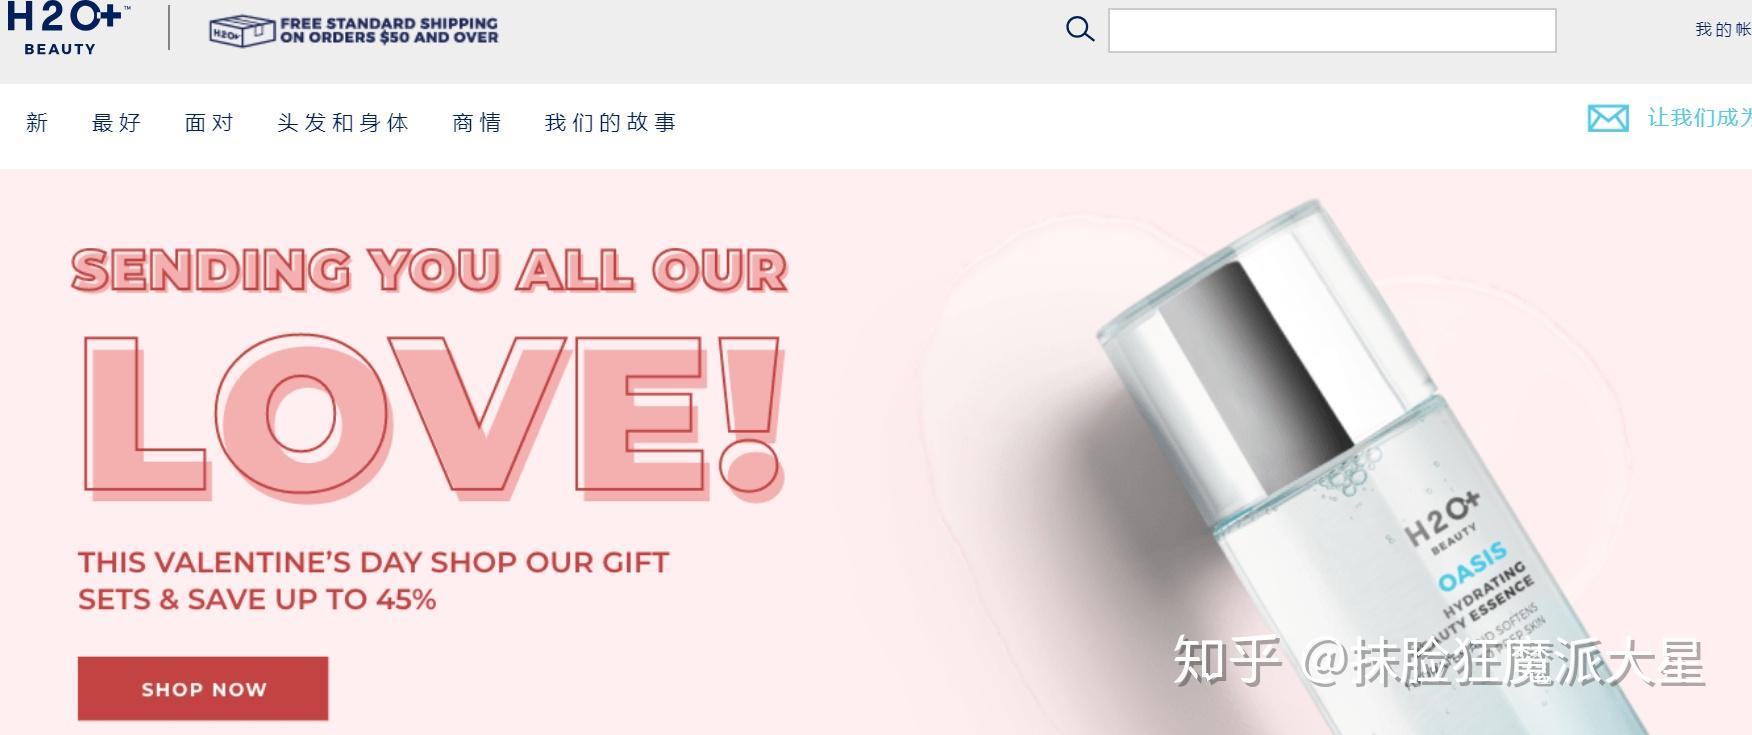 水芝澳化妆品官网_平价化妆品跟大牌化妆品的区别在哪里? - 知乎